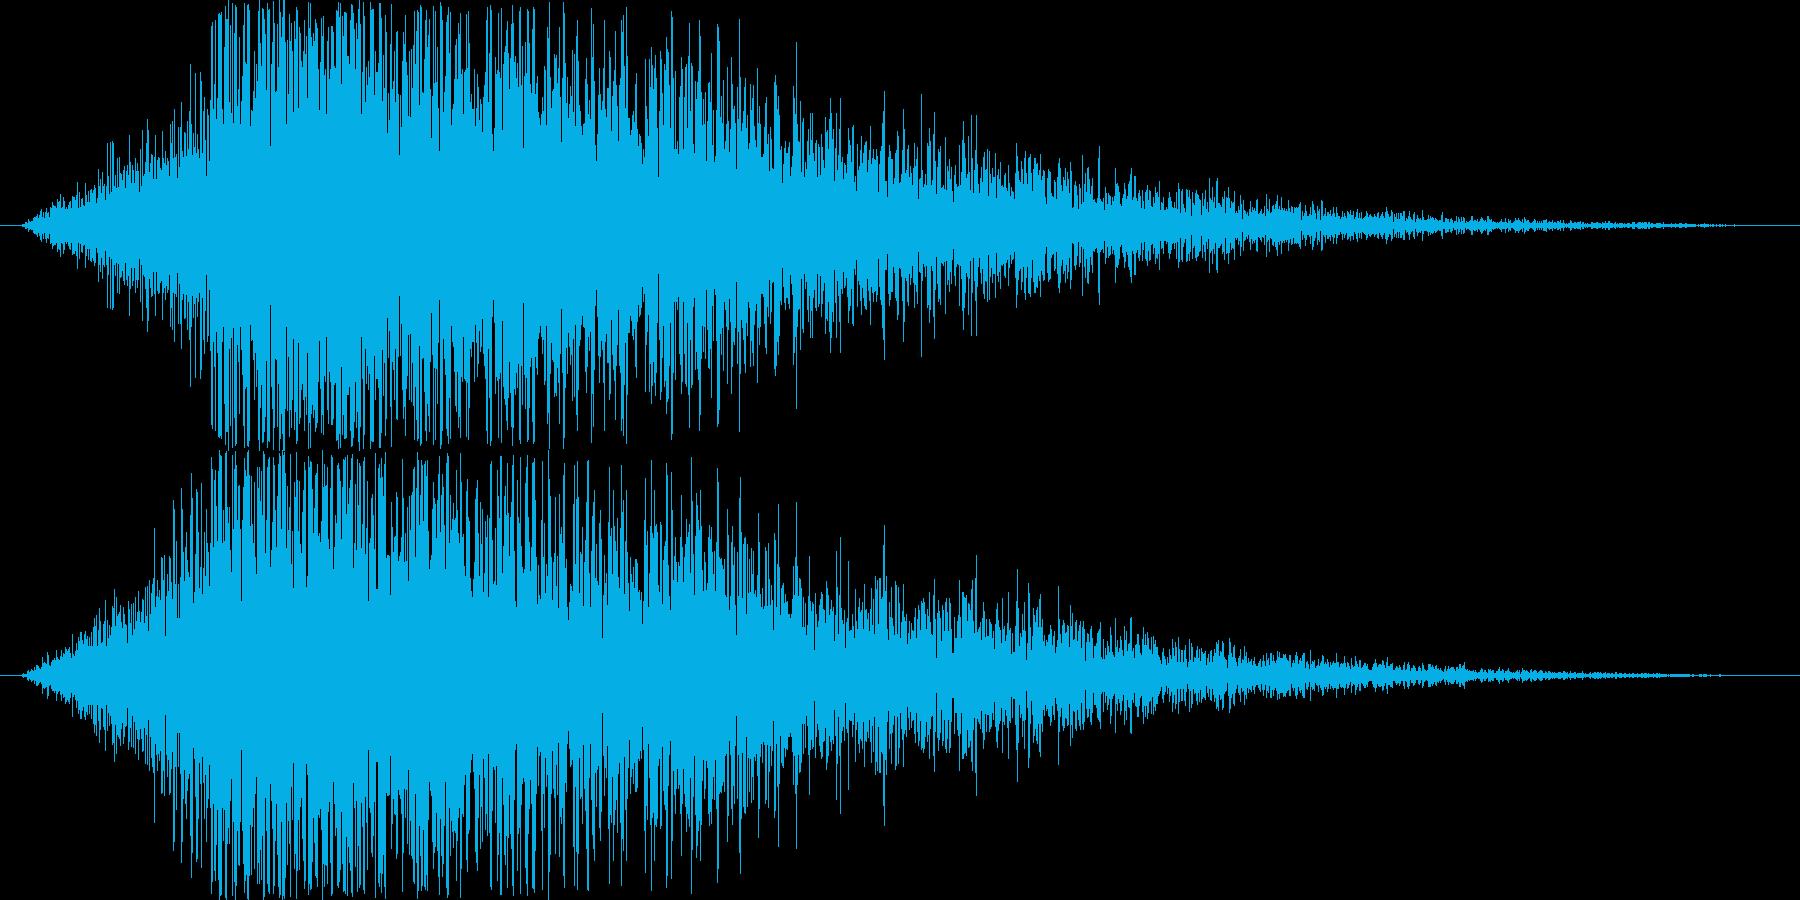 パワーアップ・レベルアップ(ドーン)の再生済みの波形